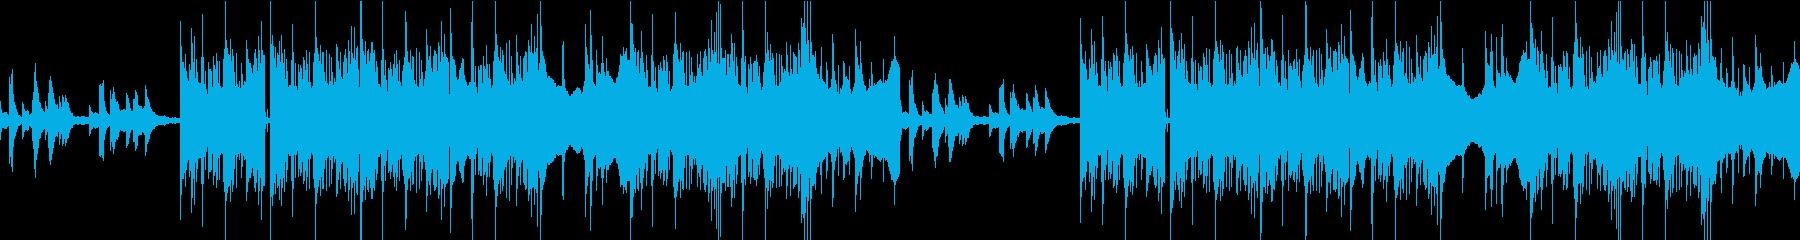 カフェ・日常・不穏なピアノ ループ可Lの再生済みの波形